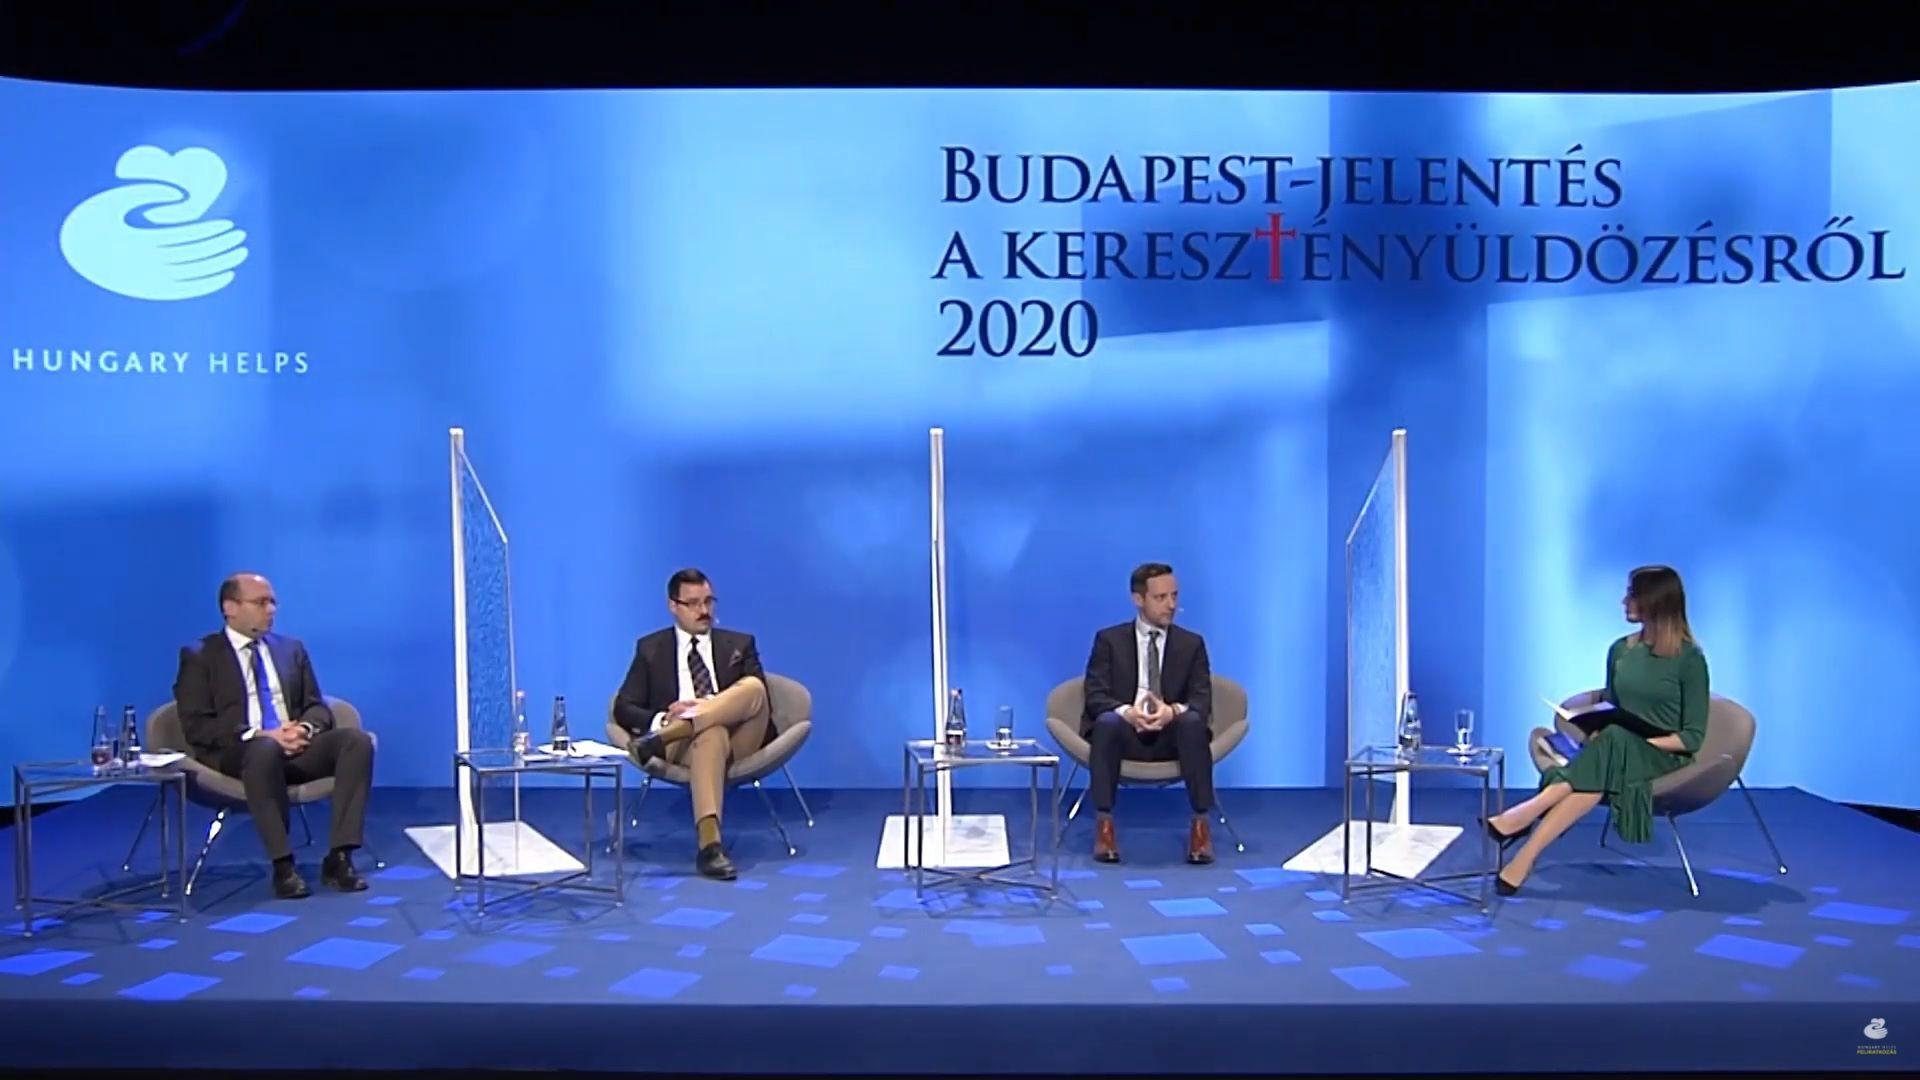 Elkészült a 2020-as Budapest-jelentés a keresztényüldözésről - vasarnap.hu